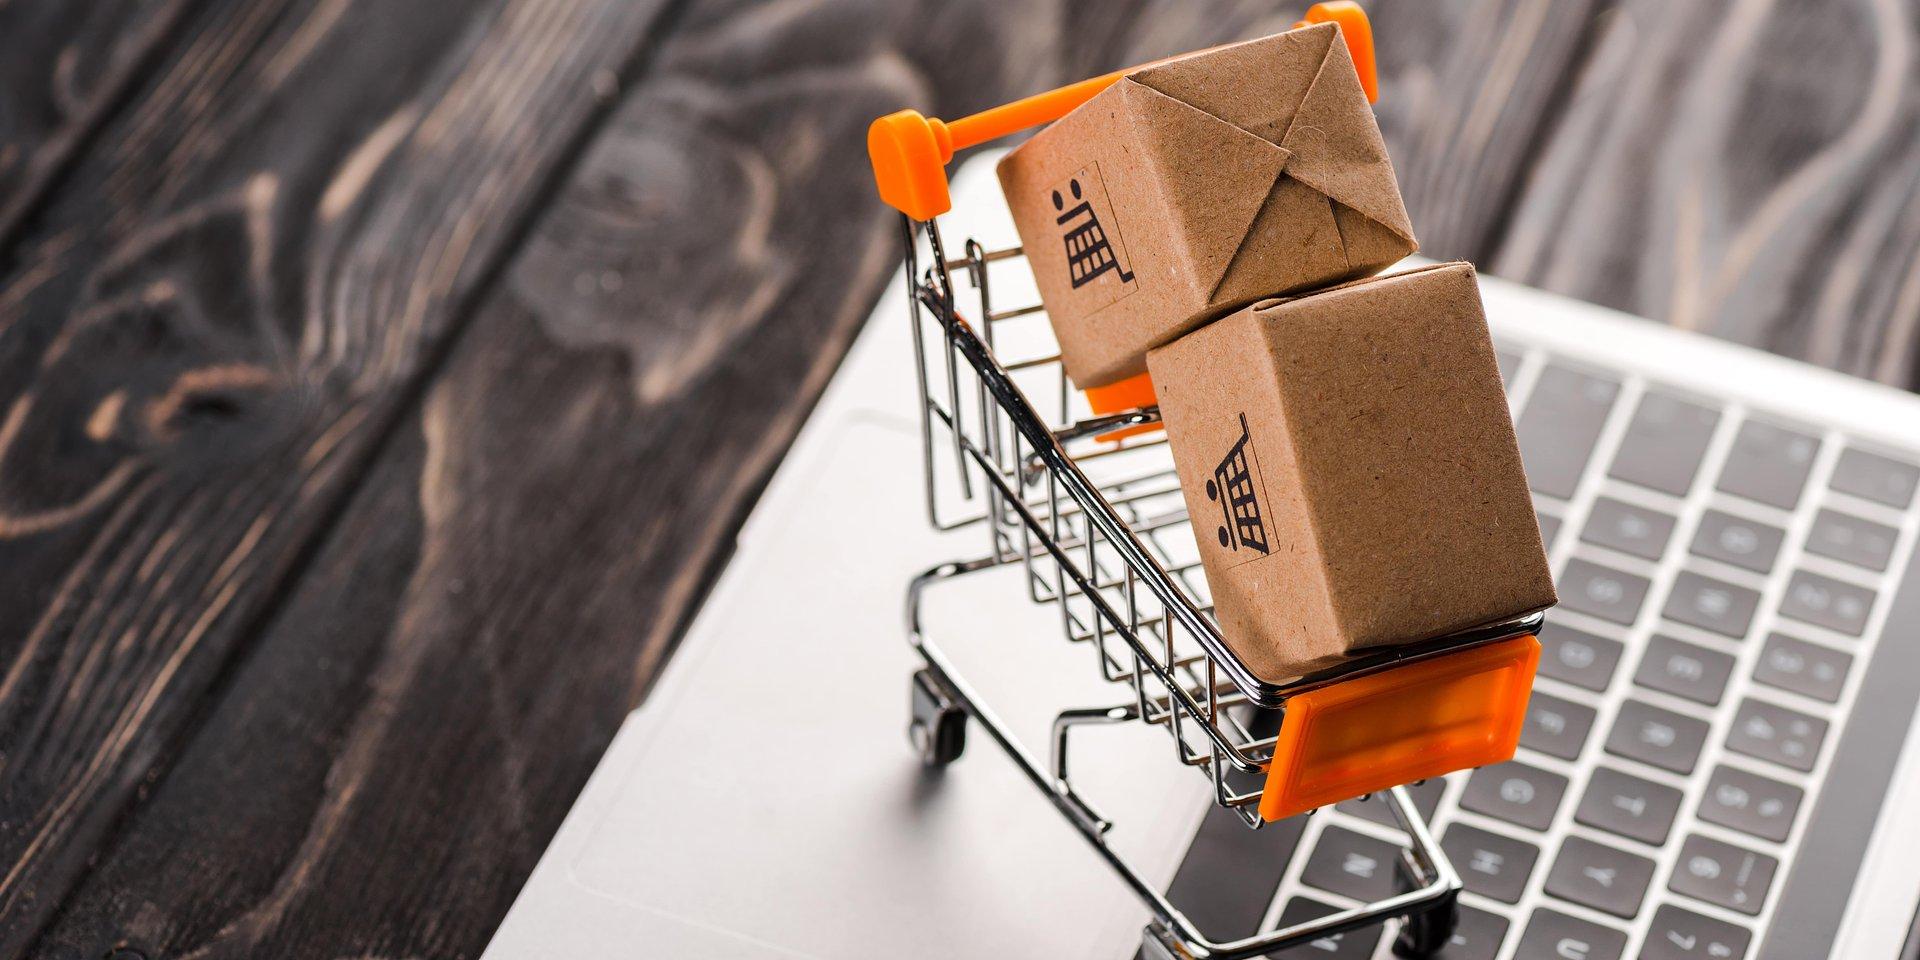 Specjaliści od e-commerce przebierają w ofertach z każdej branży